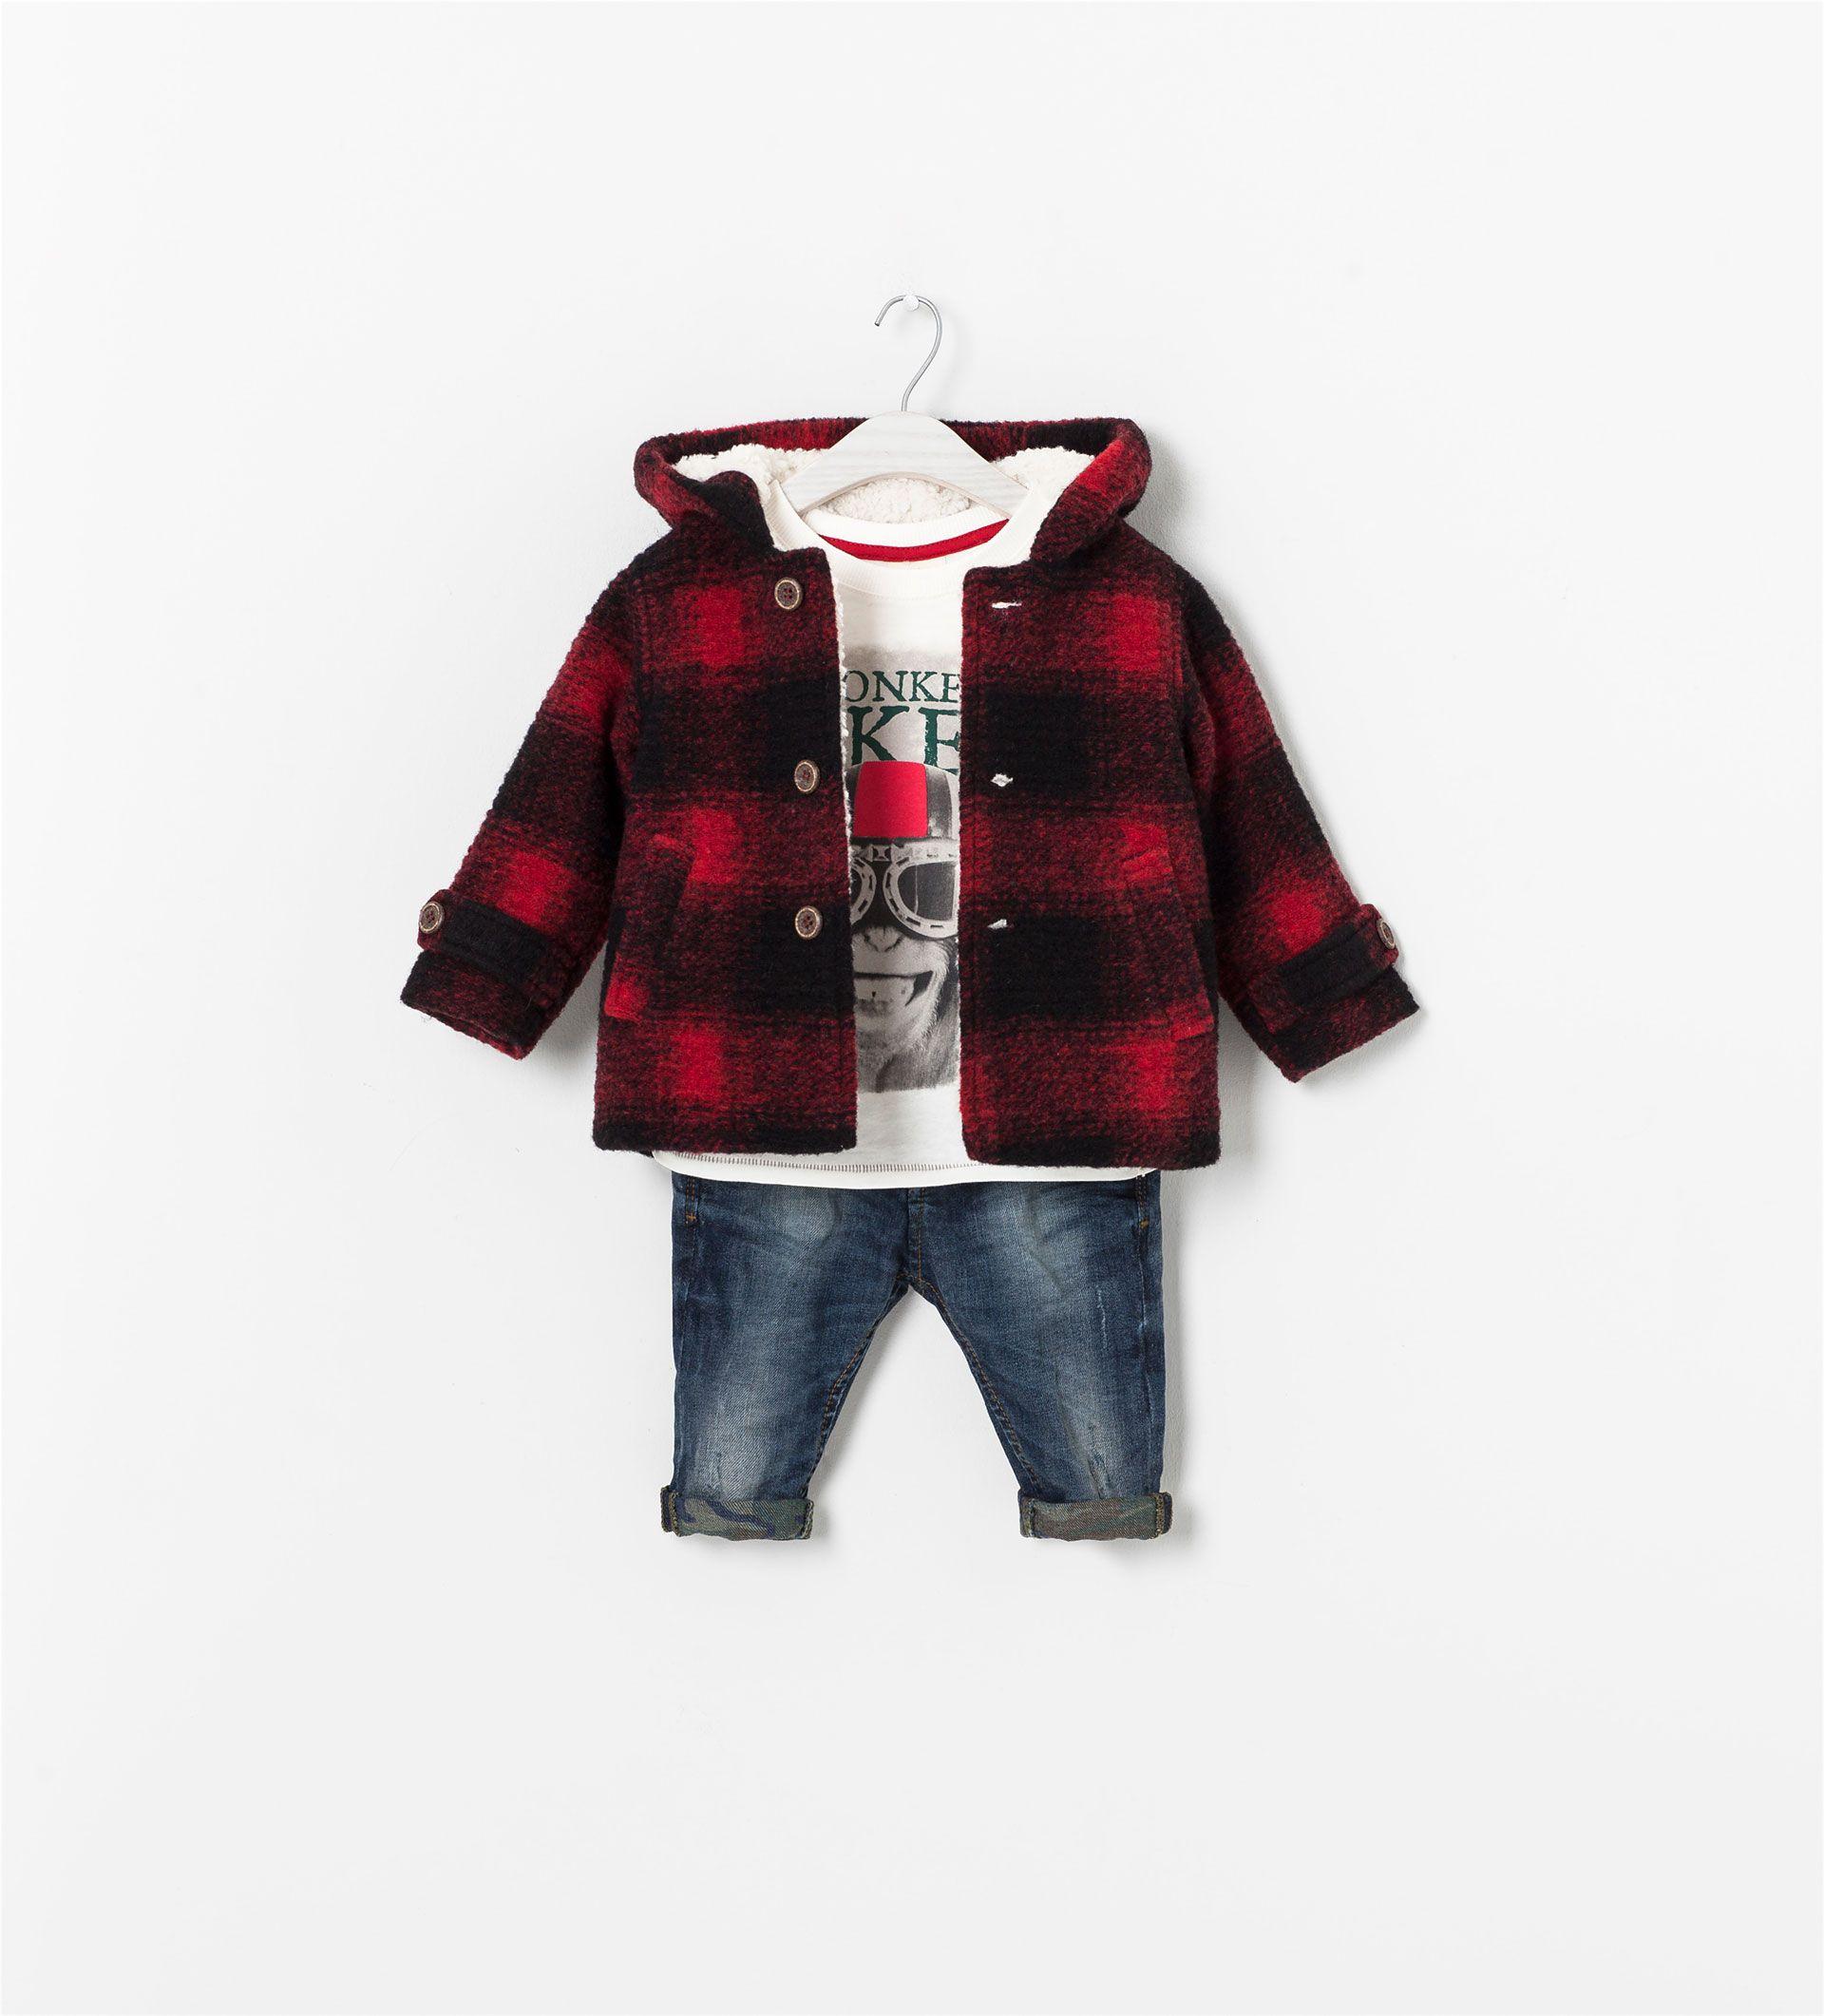 a5d0a331f97 LOOK24 - Shop by Look - Bebé niño (3 - 36 meses) - NIÑOS